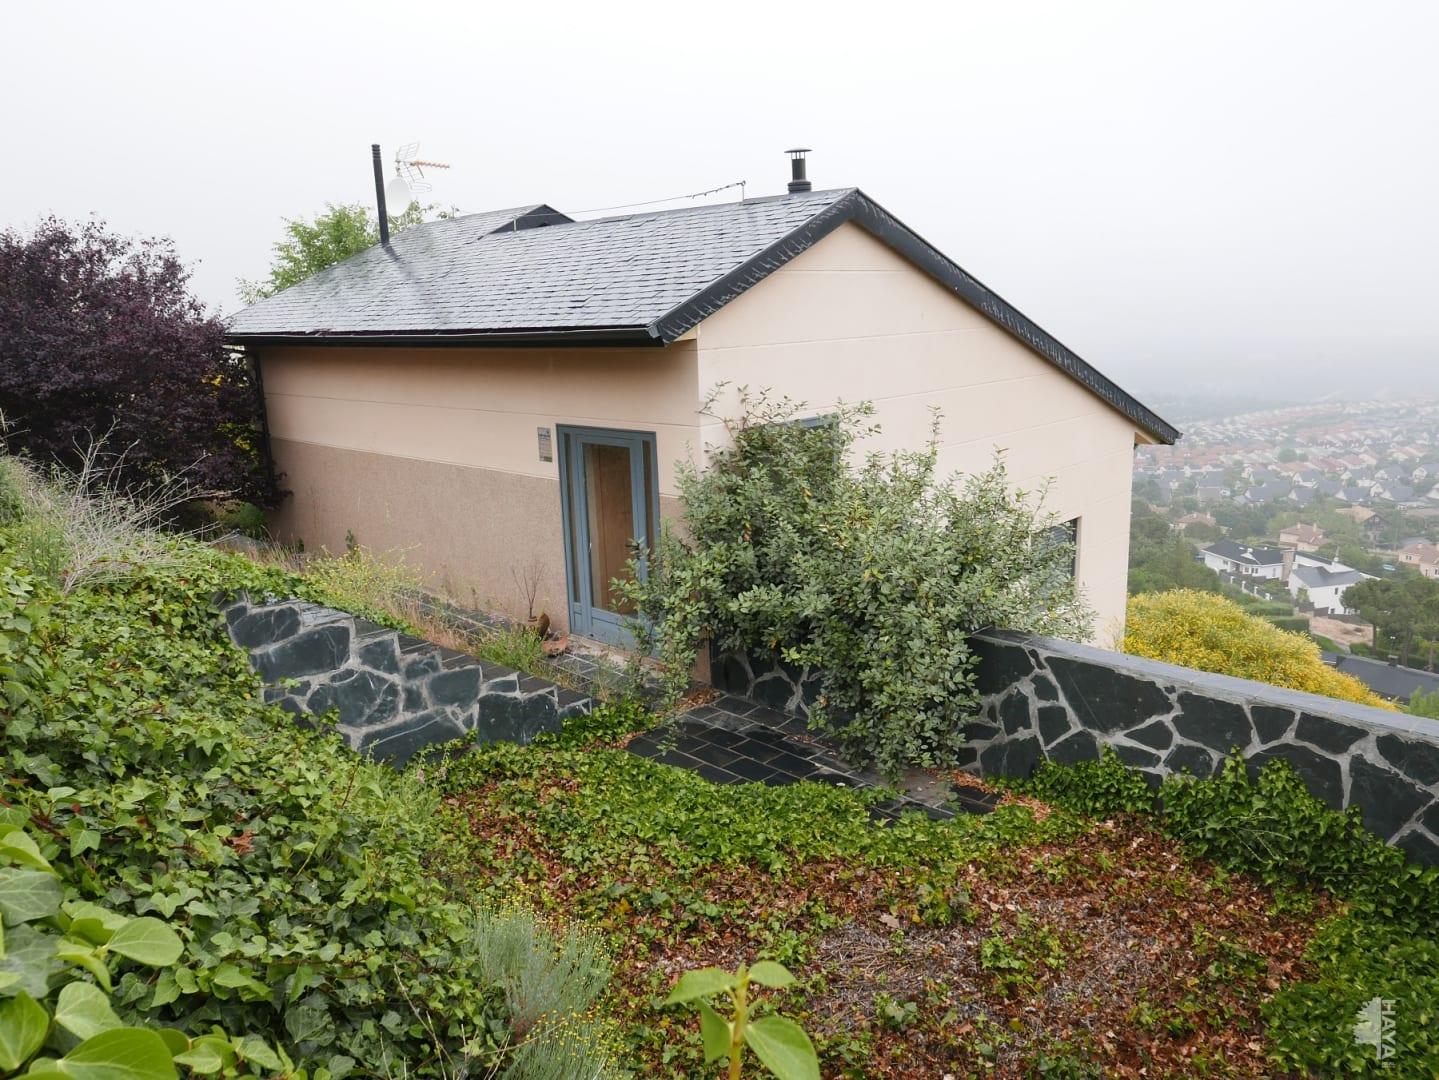 Casa en venta en Casa en El Espinar, Segovia, 207.400 €, 4 habitaciones, 2 baños, 211 m2